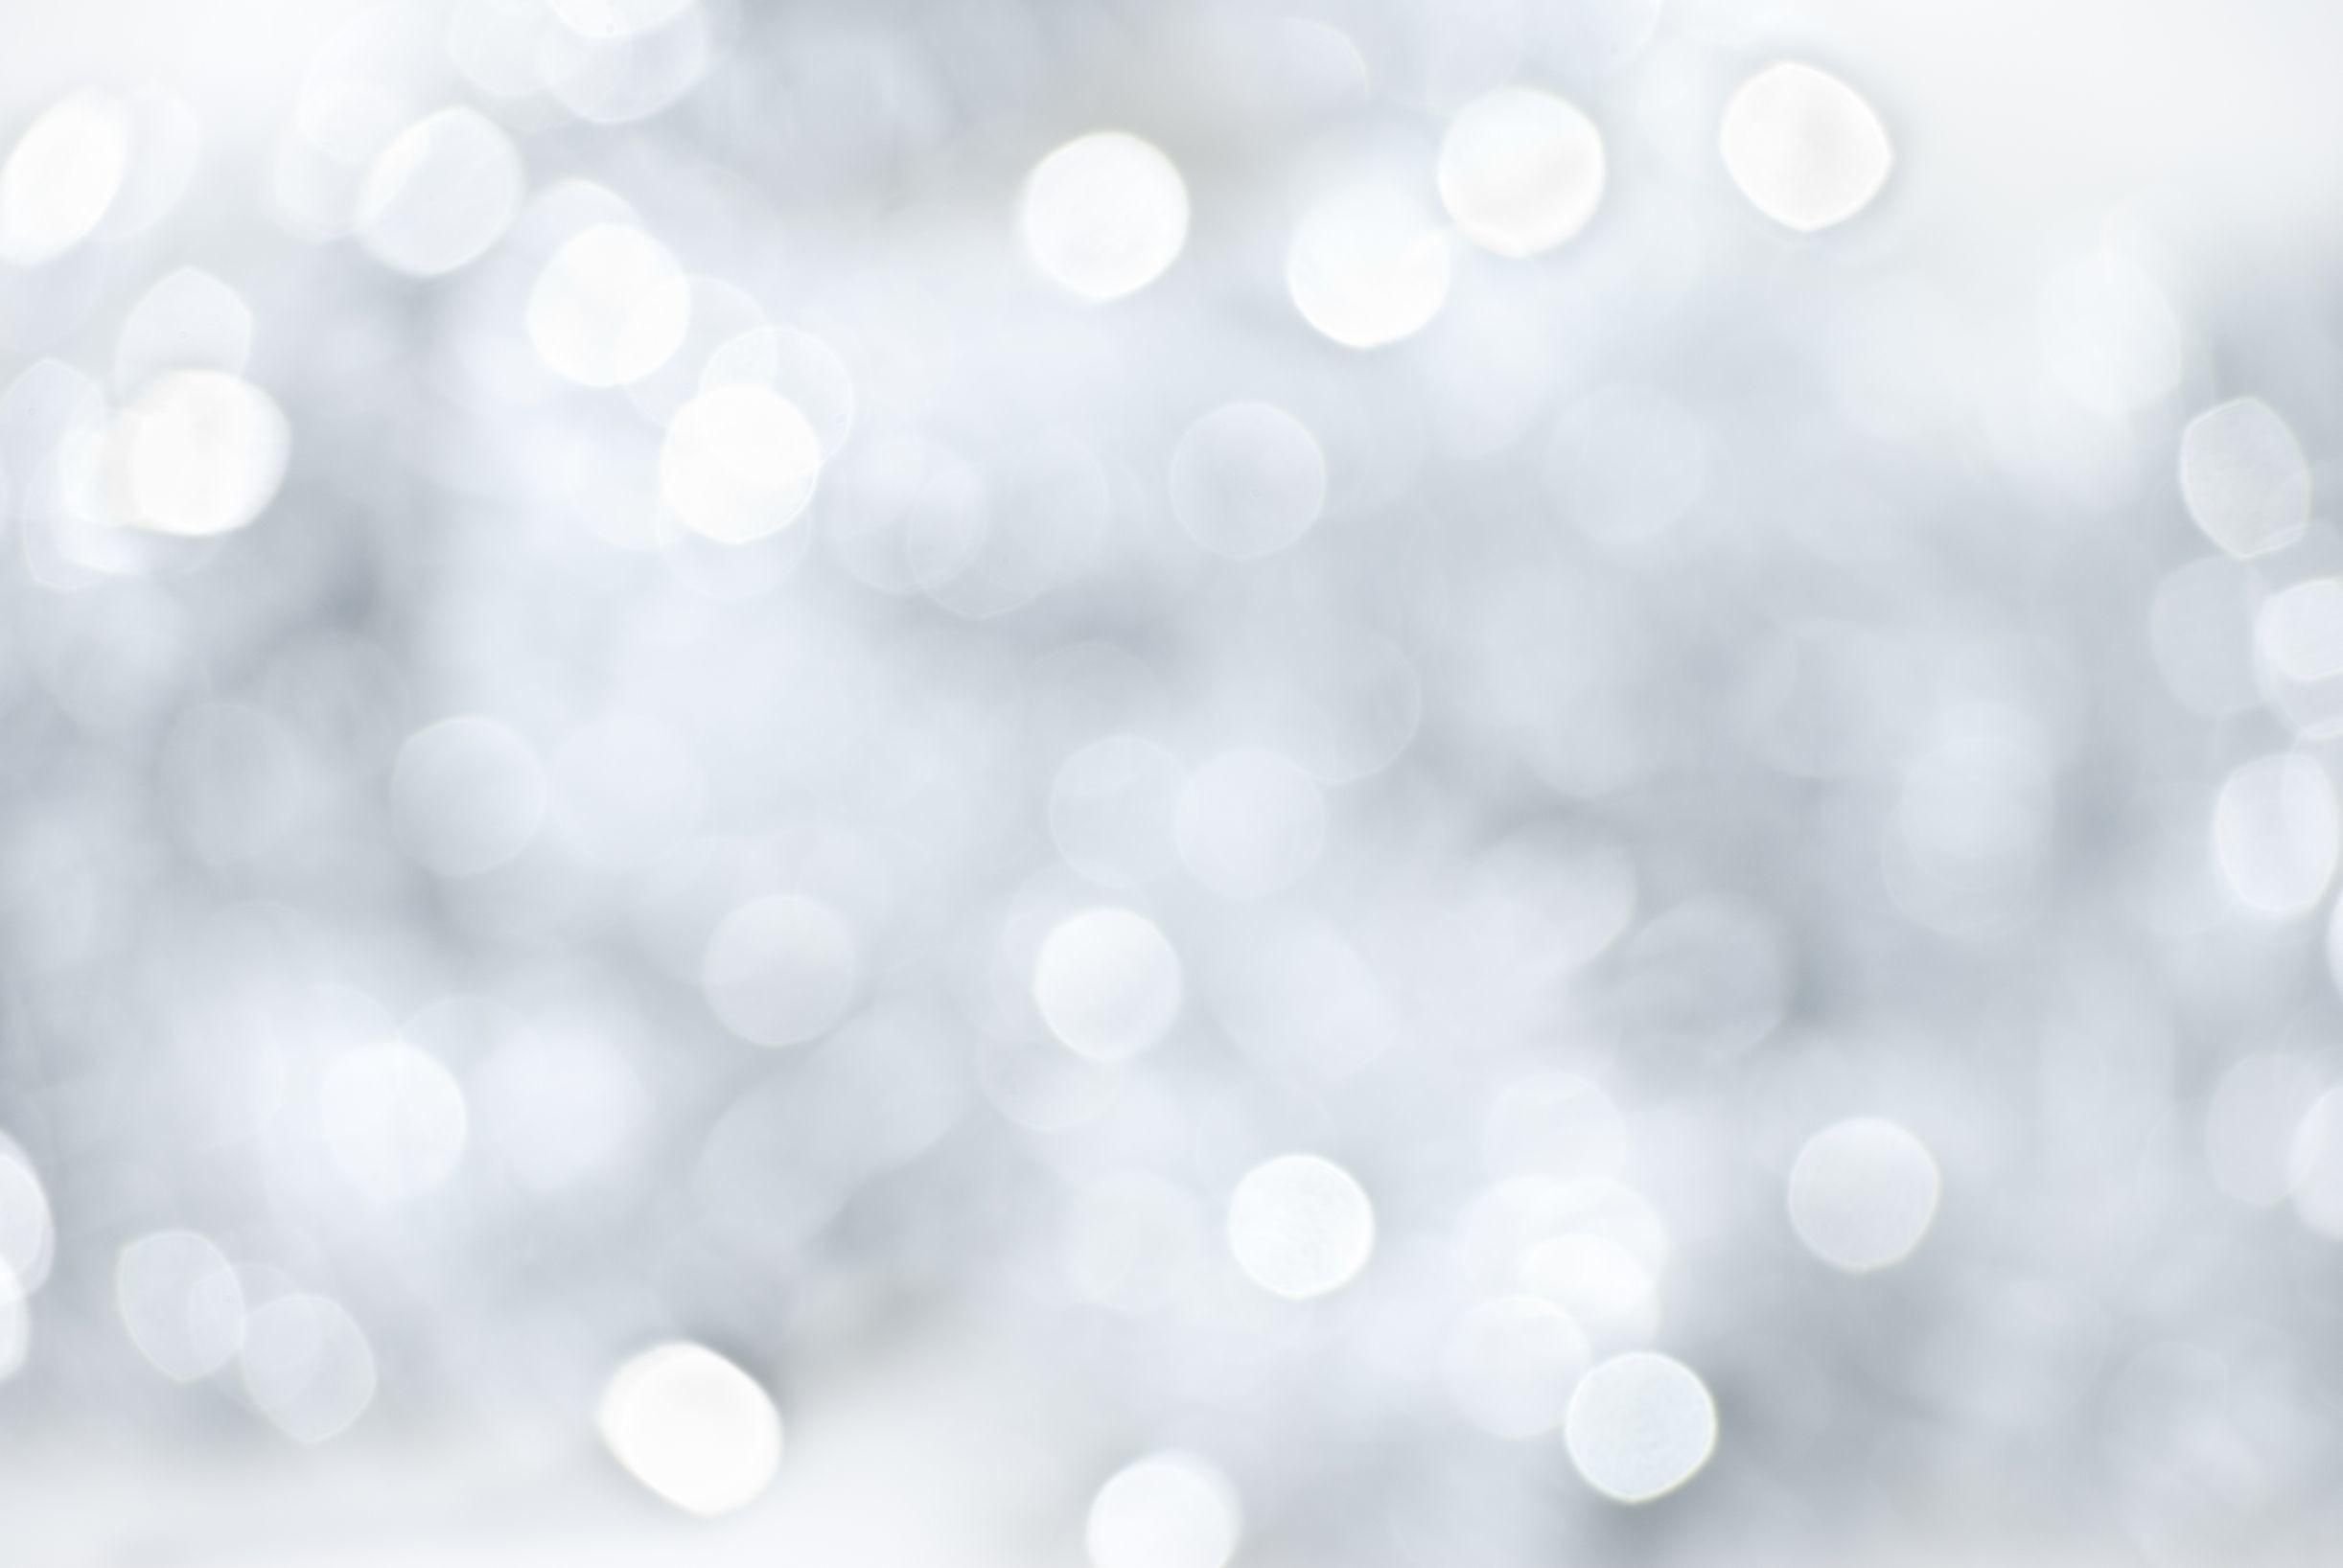 Christmas Lights Wallpapers, High Quality Photos. 0.081 MB